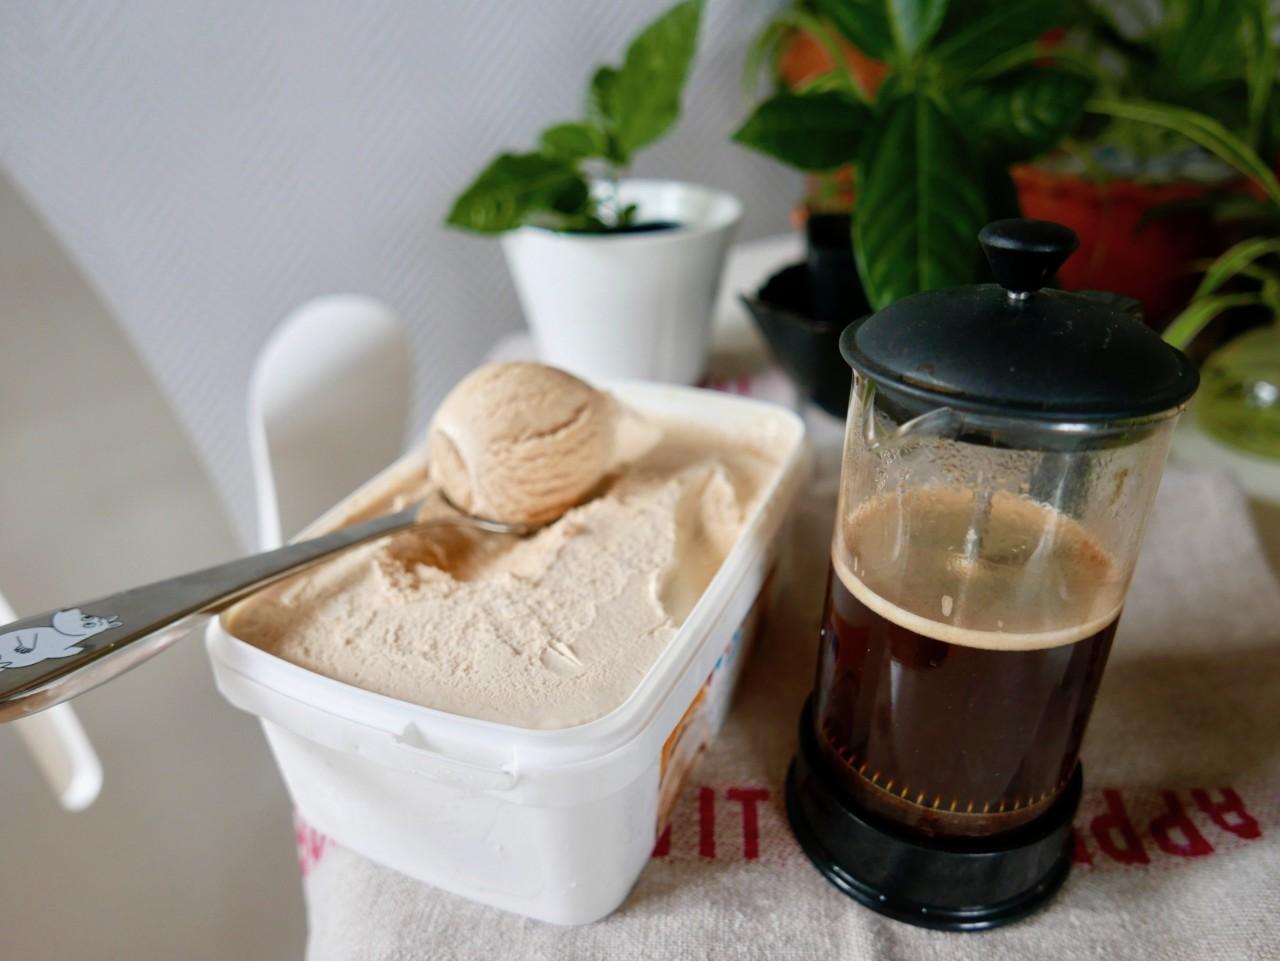 iskaffe-okologisk-iskrem-karamell-green-world